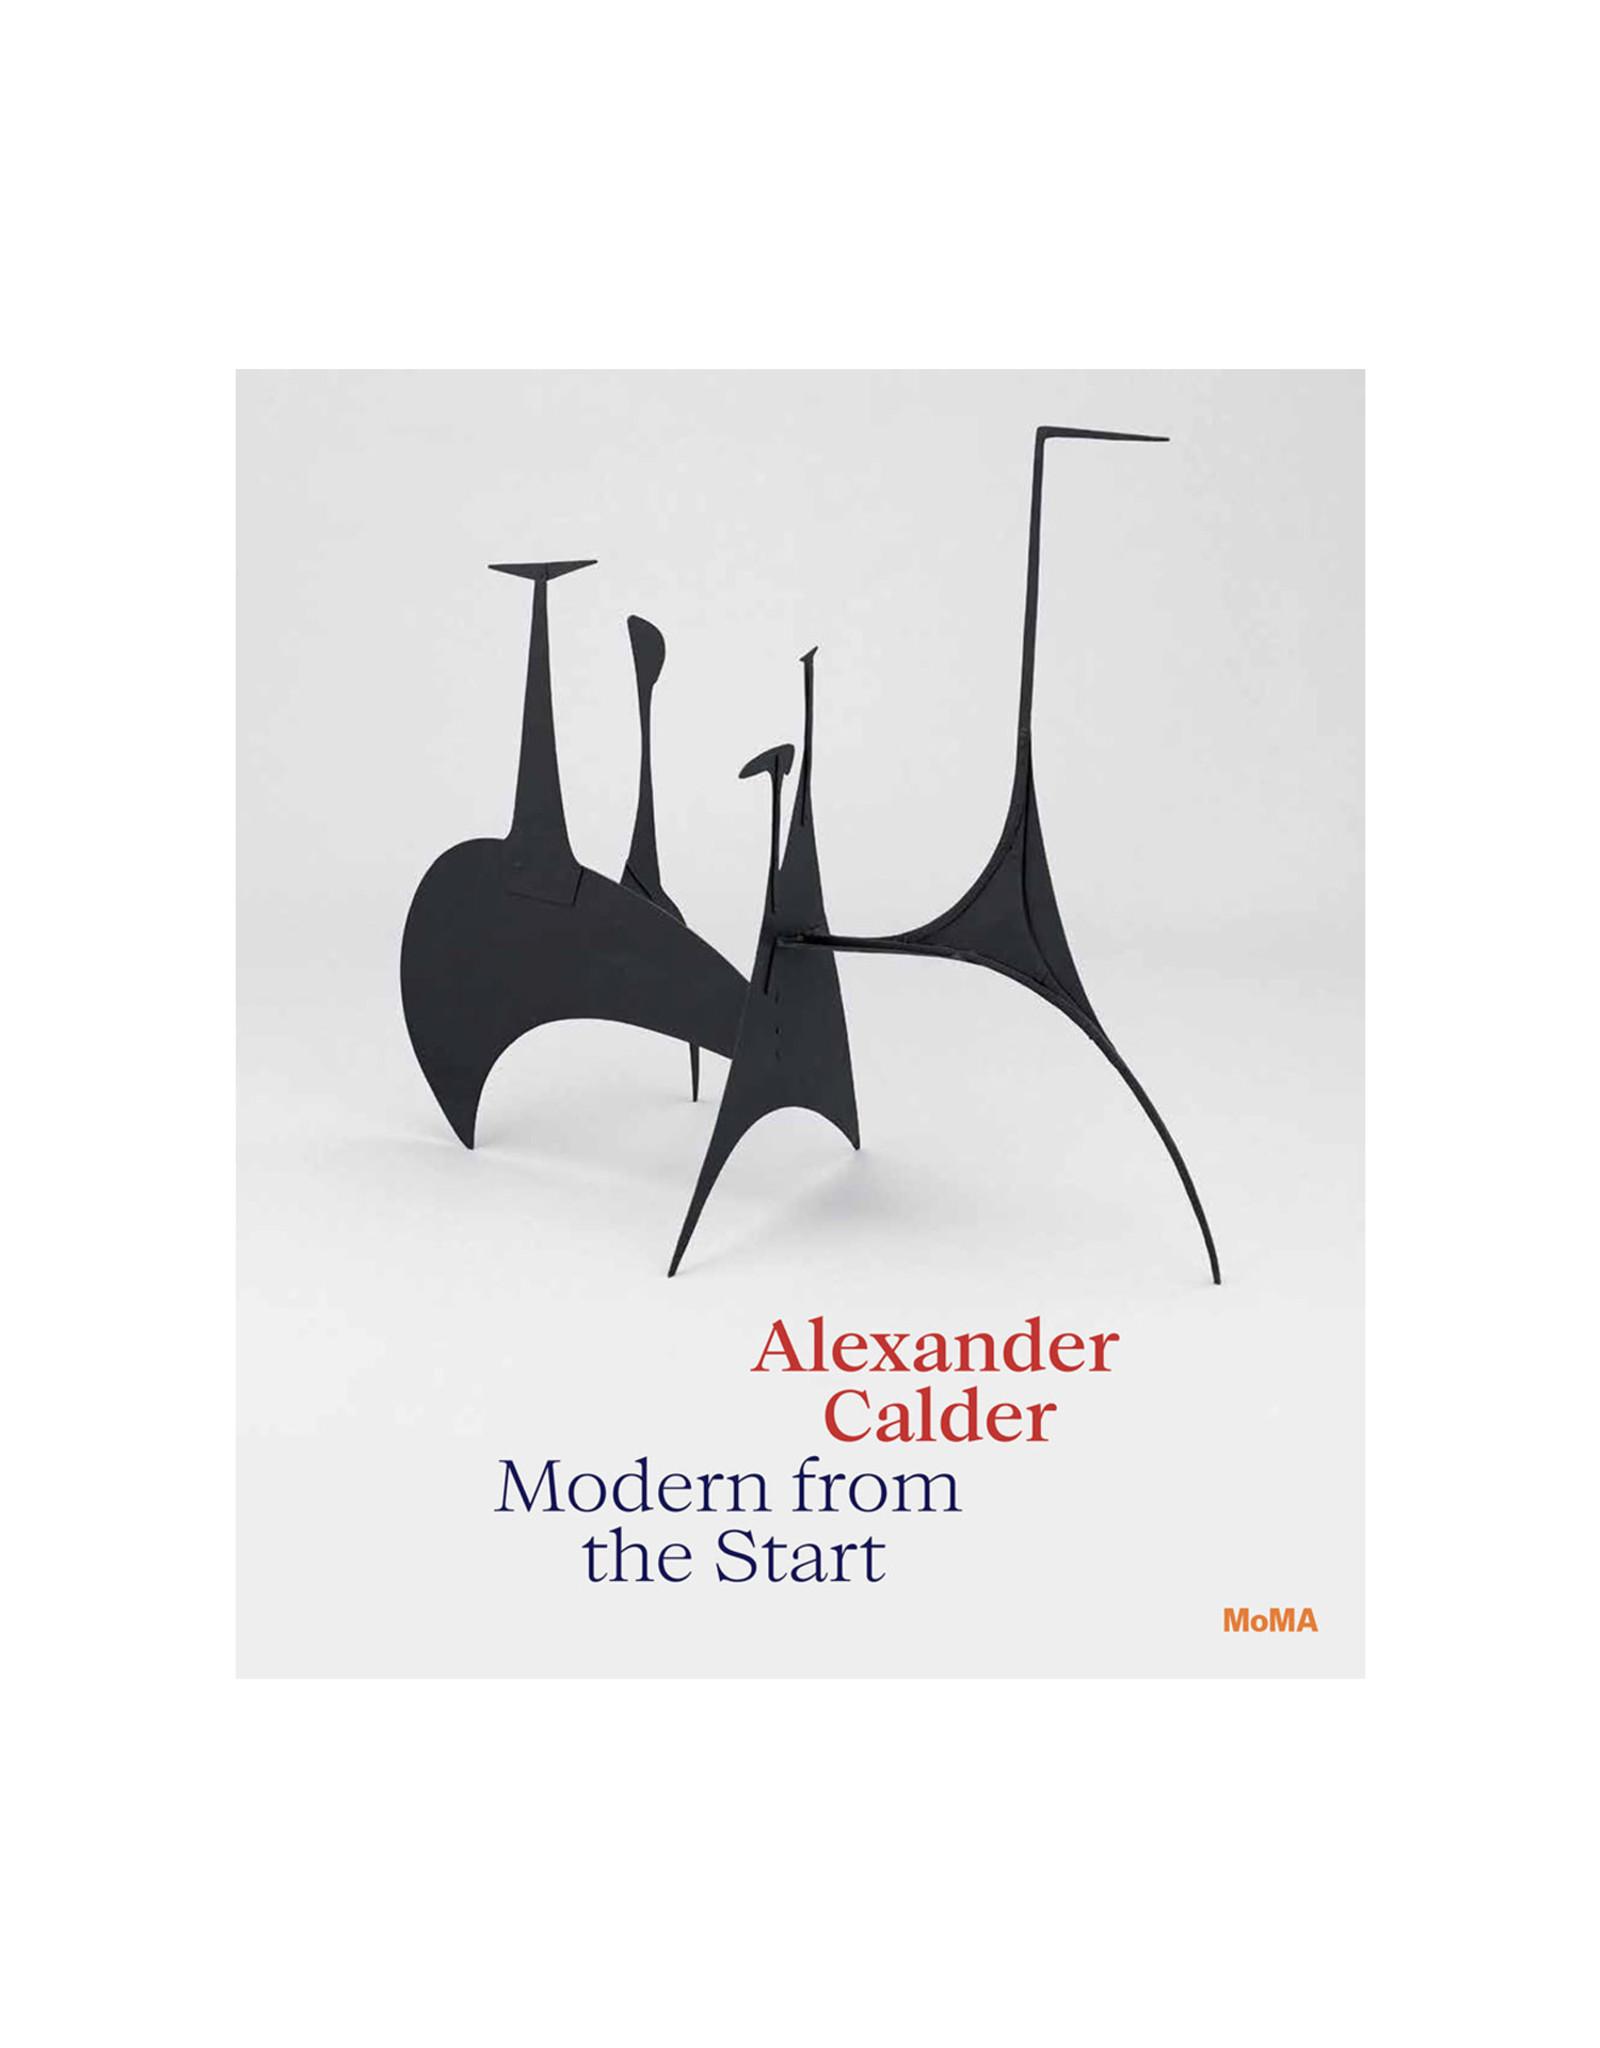 Alexander Calder: Modern from the Star